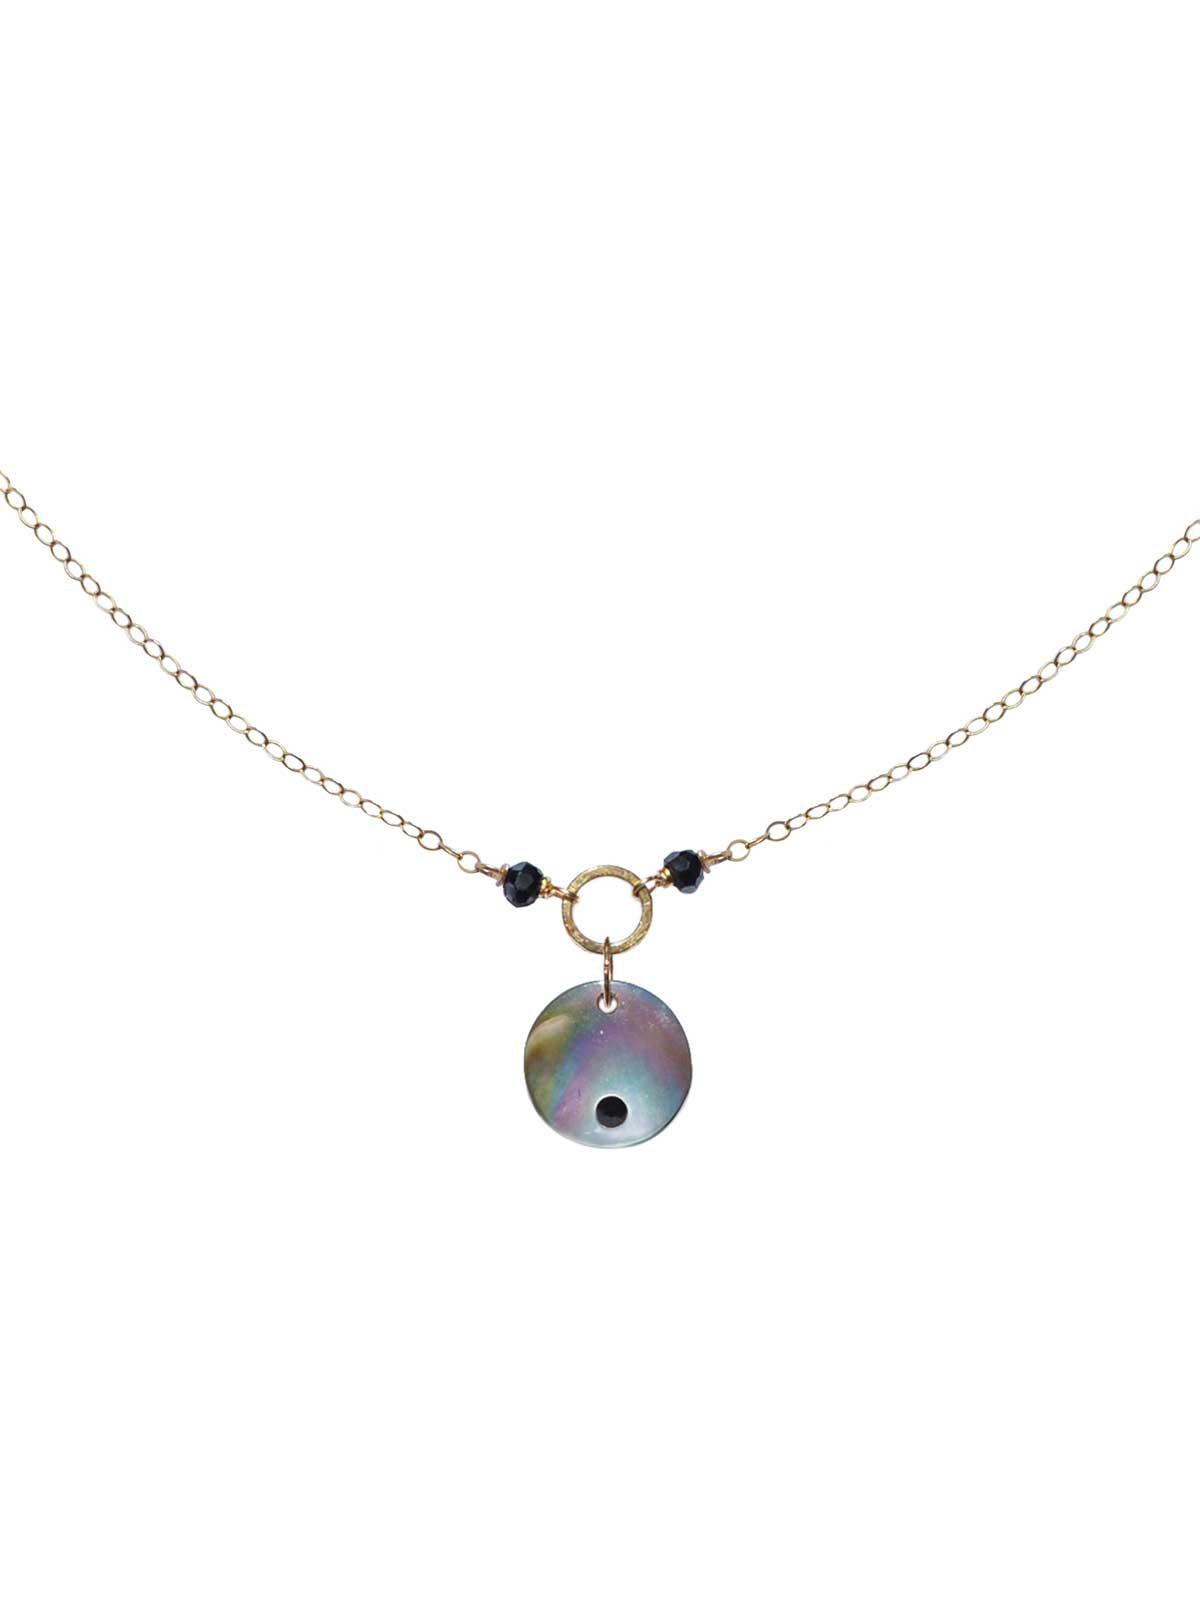 Collier chaîne Or 14 Carats Gold-filled Spinelles Noirs facettés Pendentif nacre de Tahiti cristal